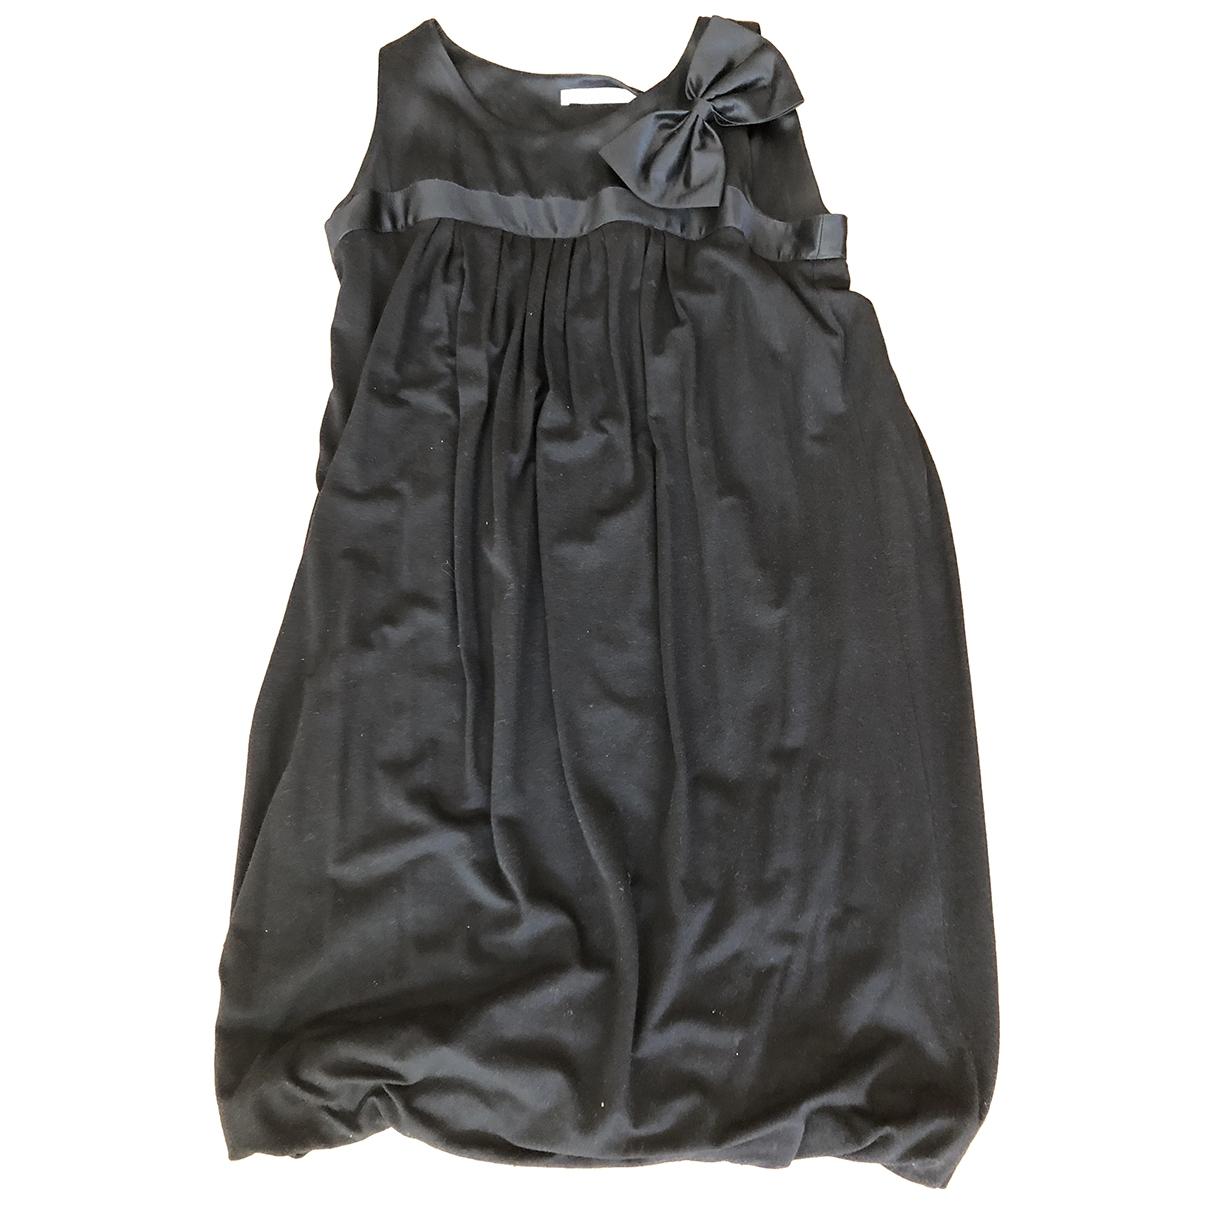 Maje Fall Winter 2019 Black Wool dress for Women 38 FR